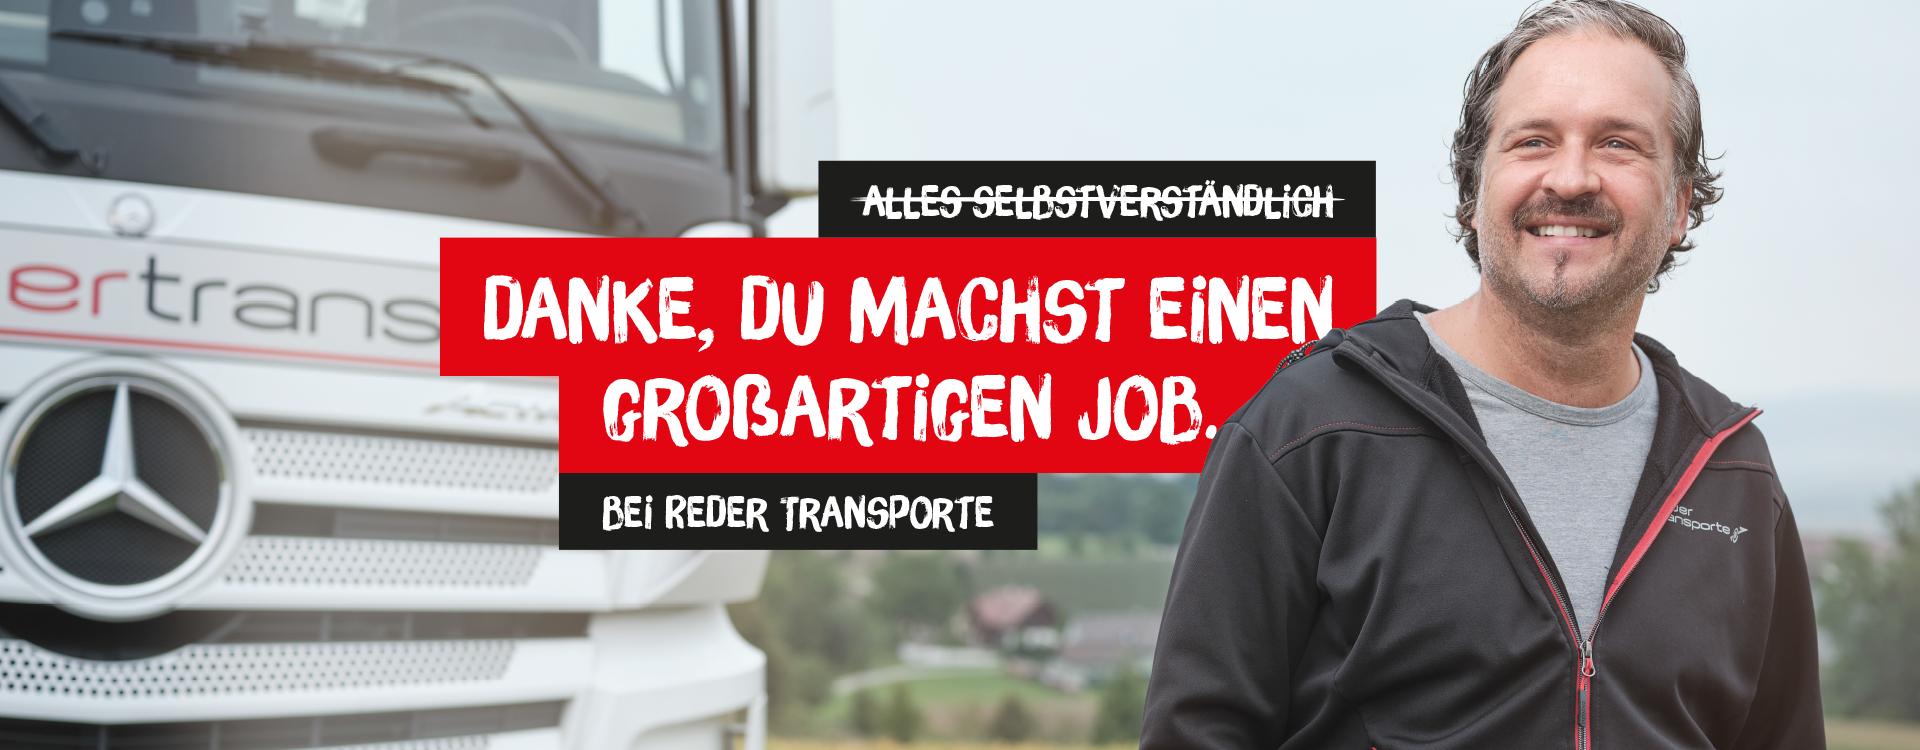 REDER Transporte | Adin | Danke, du machst einen großartigen Job.